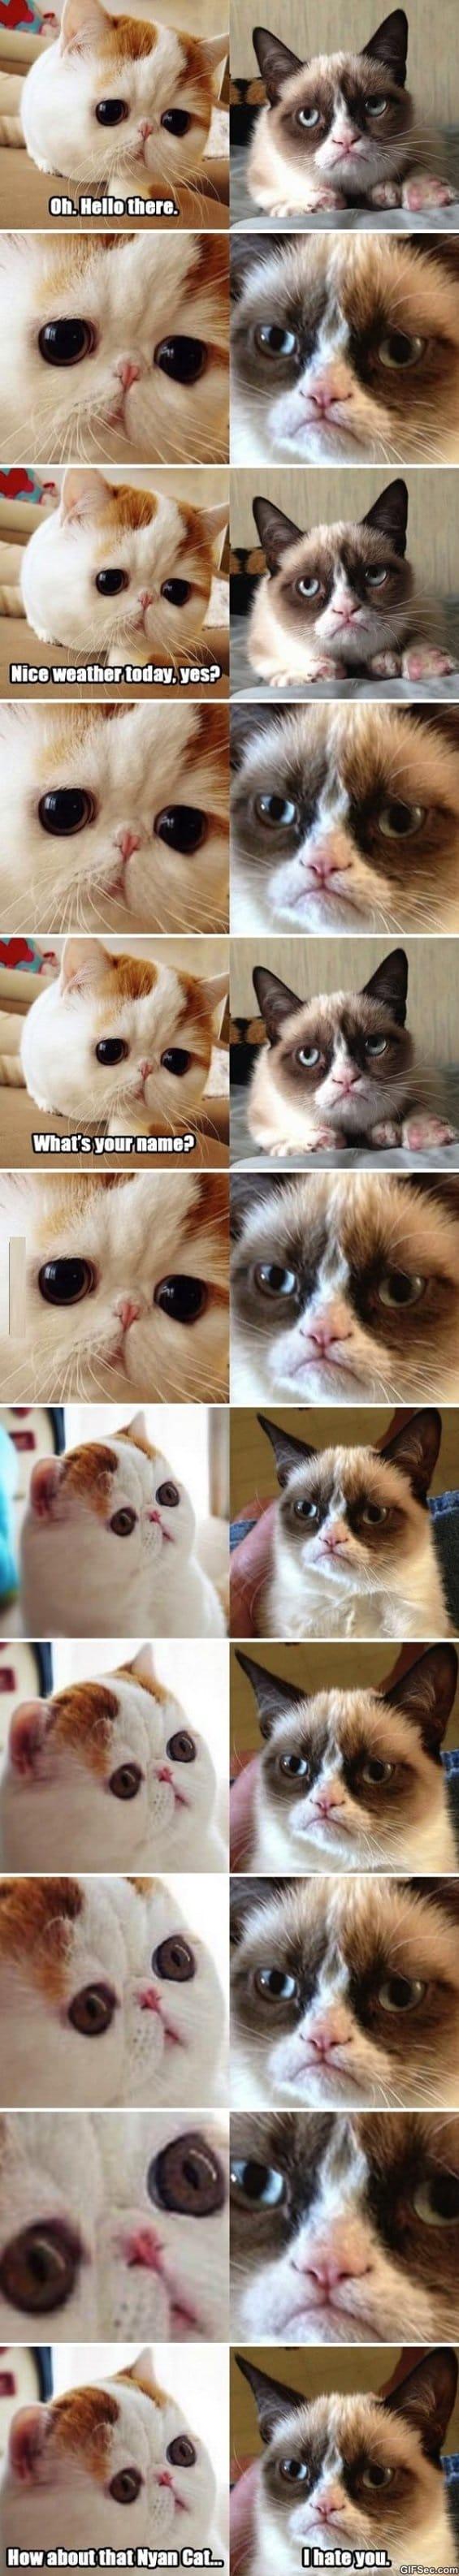 snoopy-cat-meets-grumpy-cat-meme